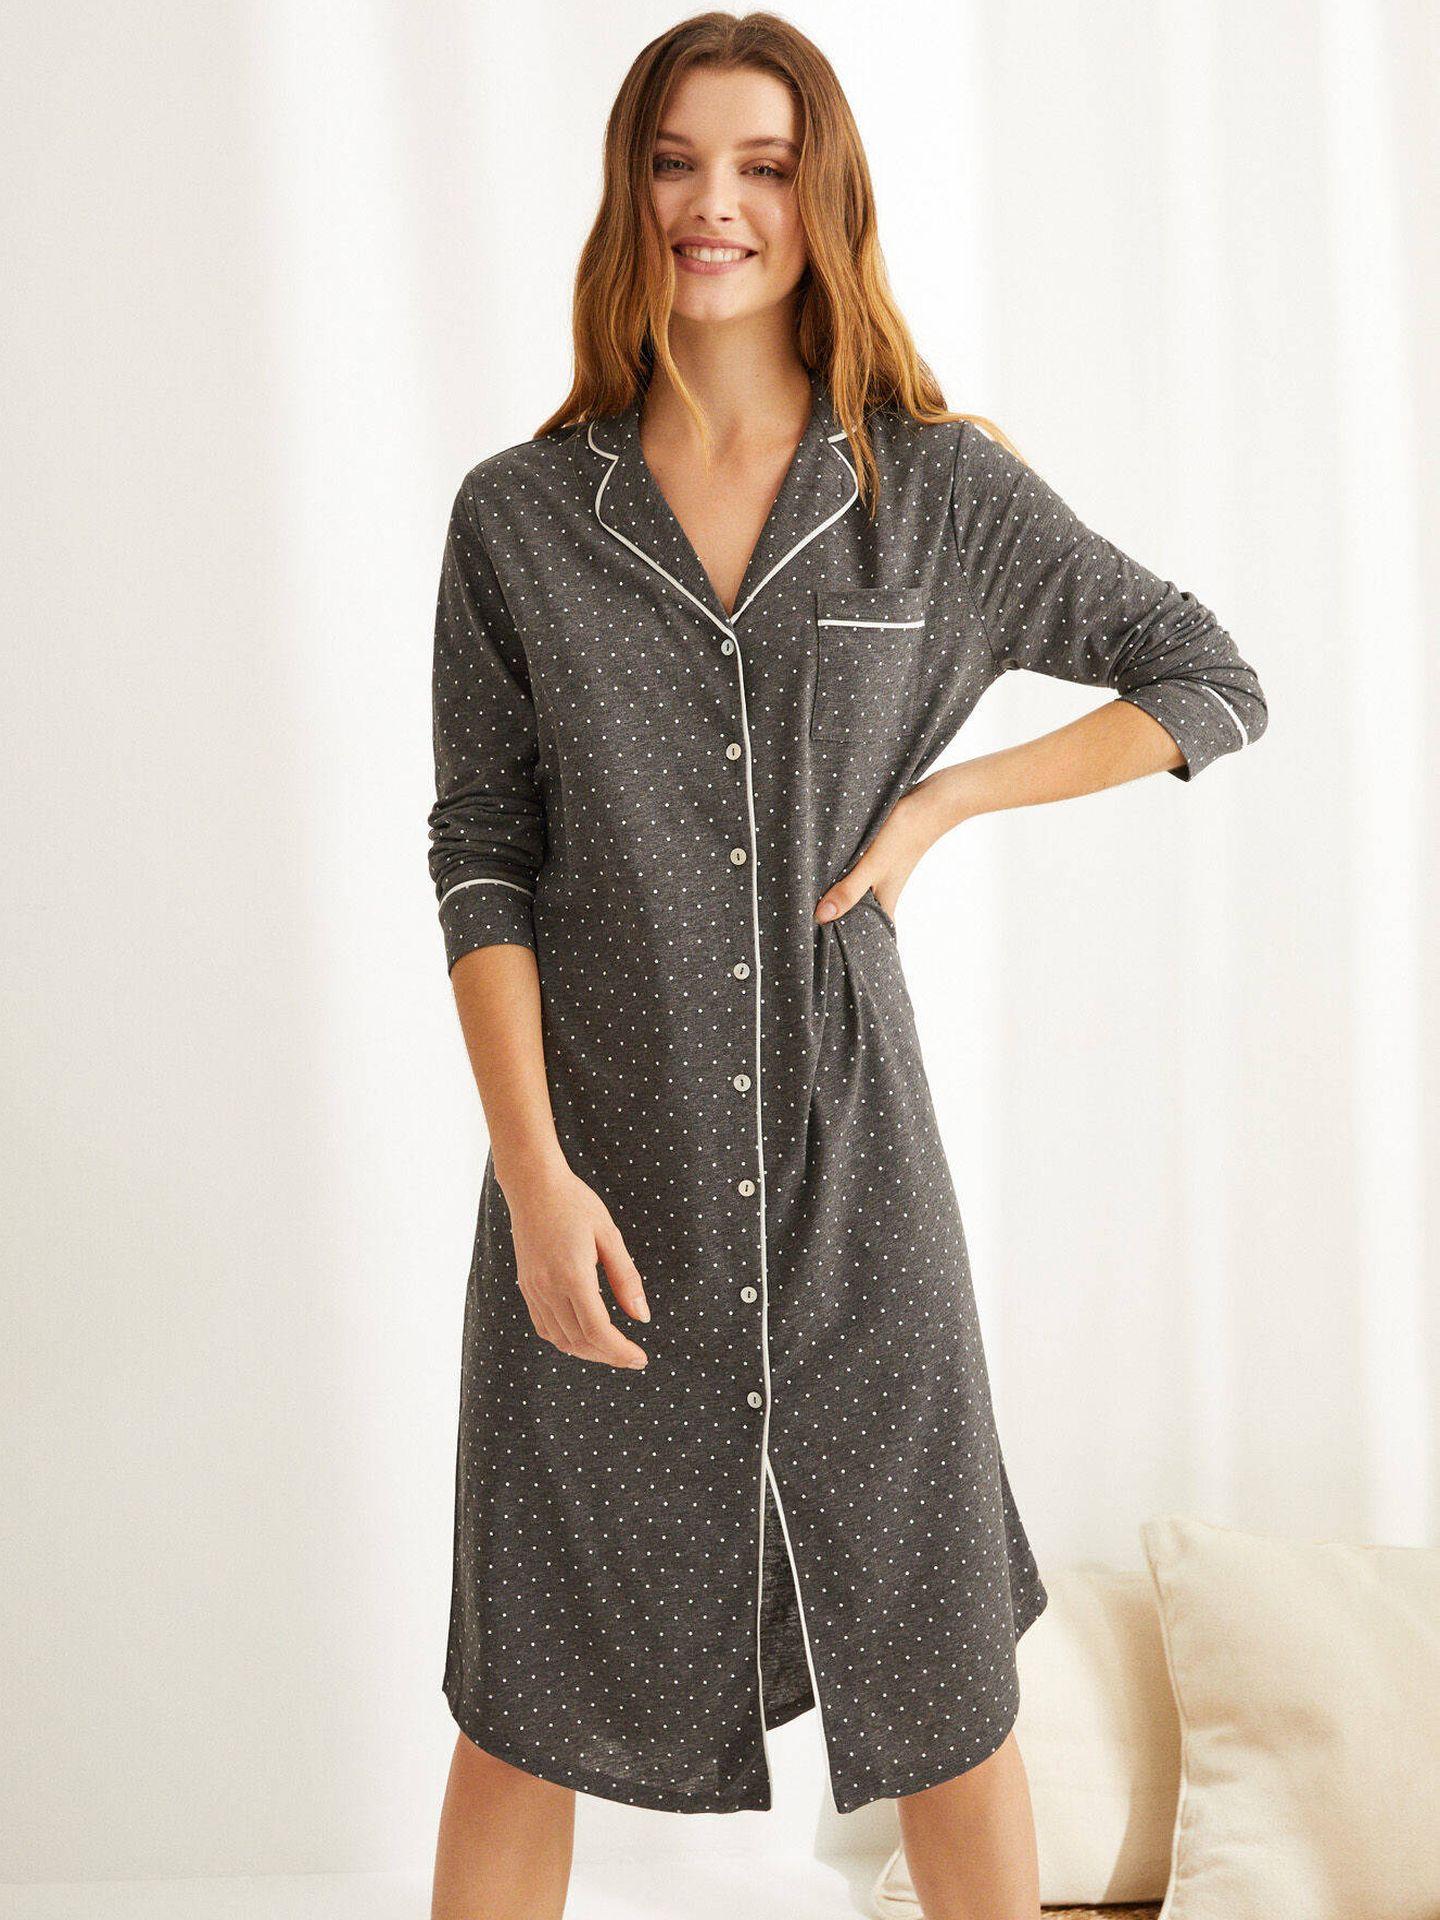 Pijama camisero de Women Secret. (Cortesía)